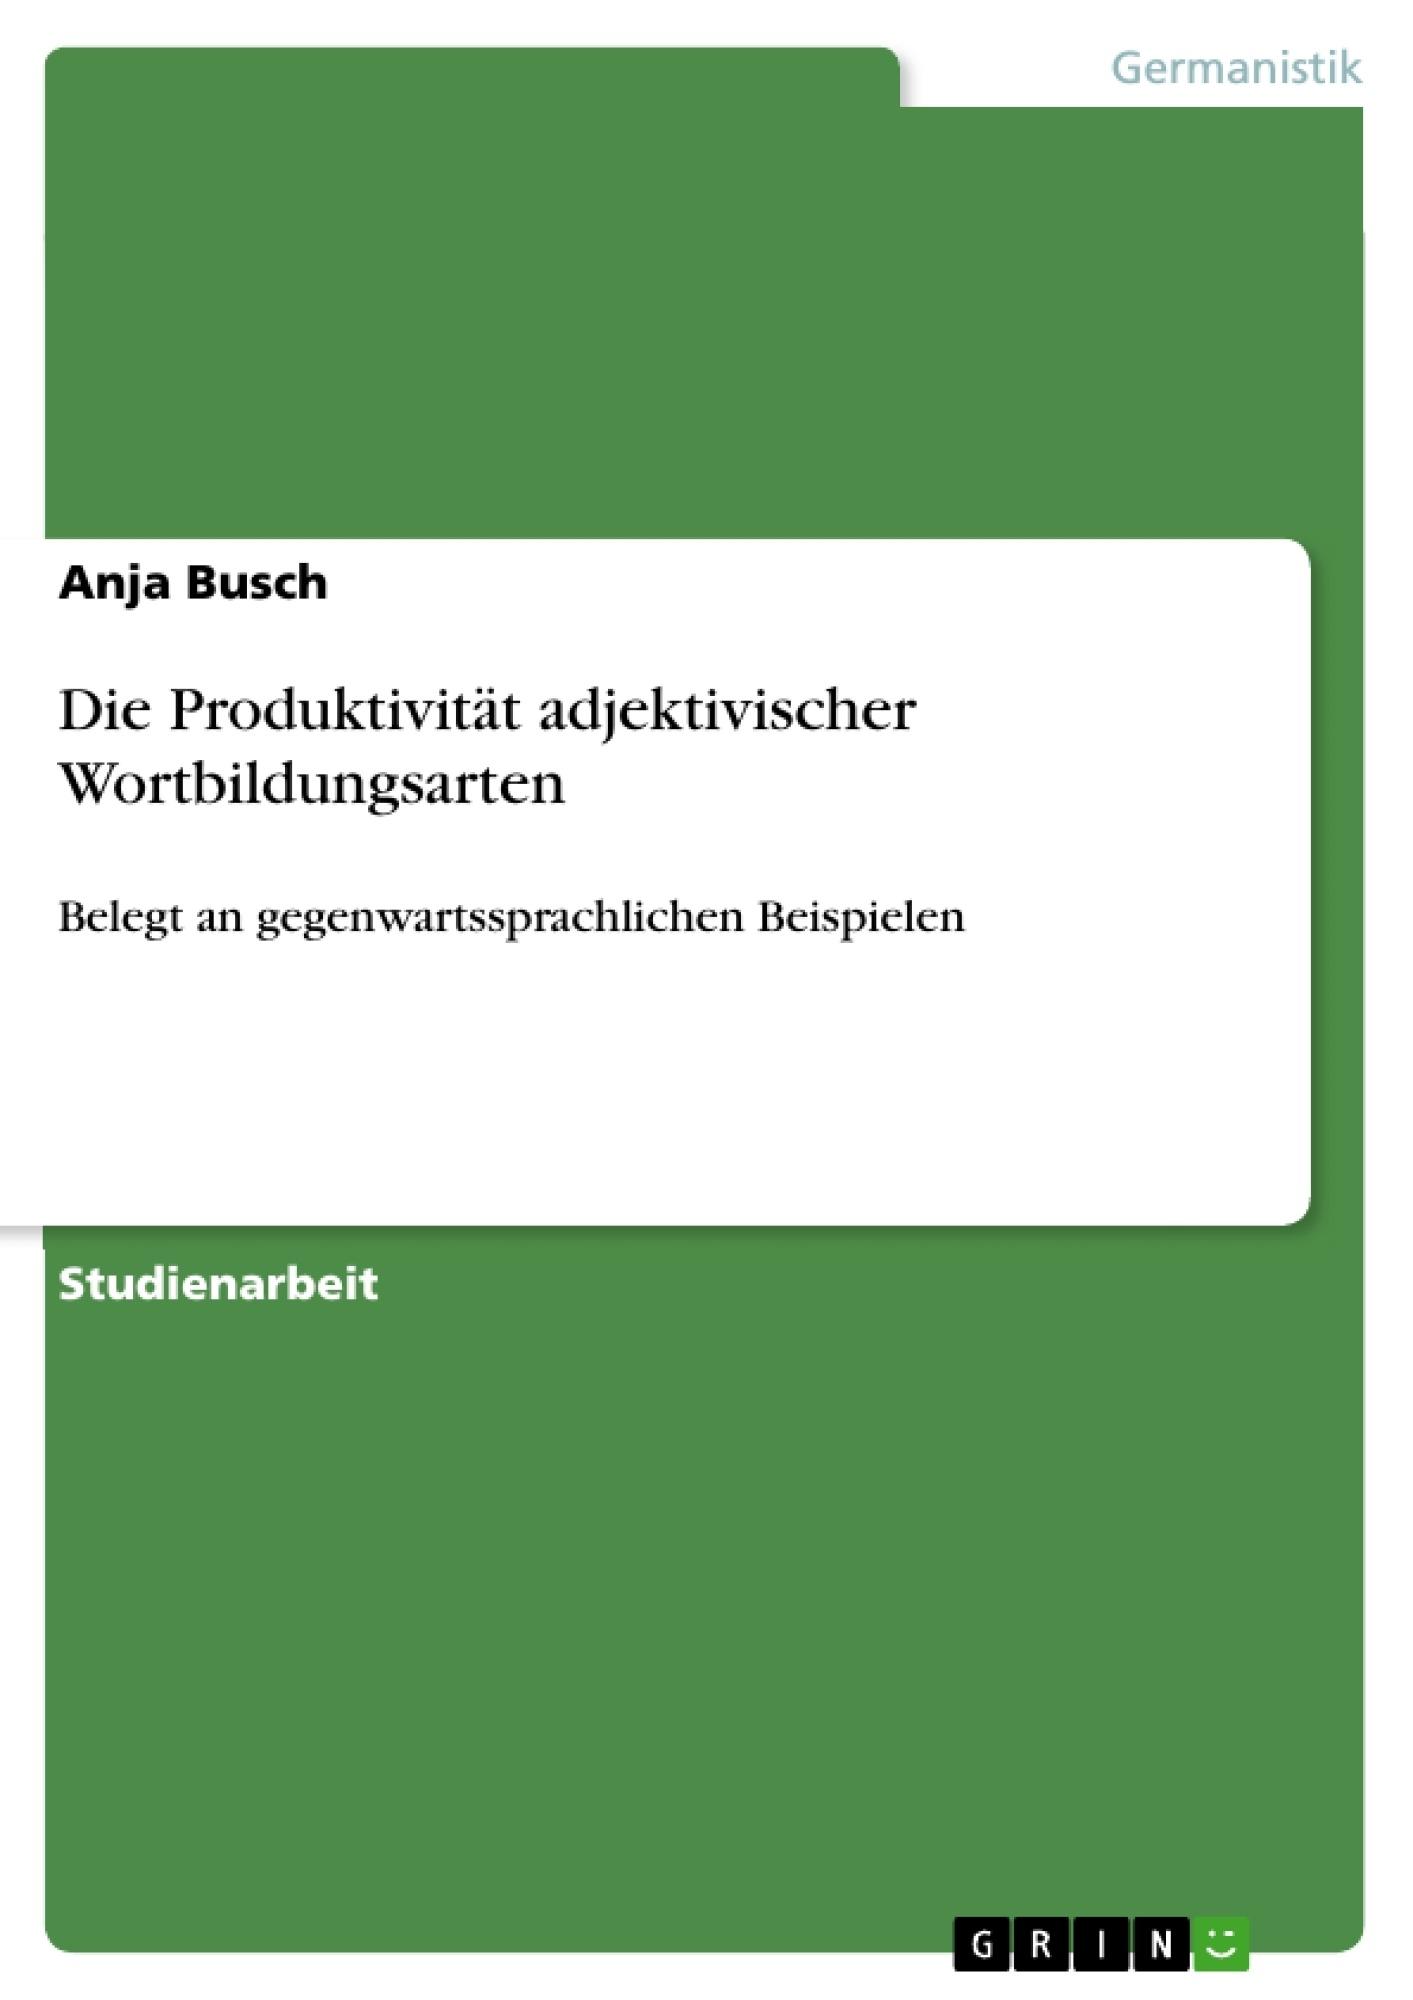 Titel: Die Produktivität adjektivischer Wortbildungsarten